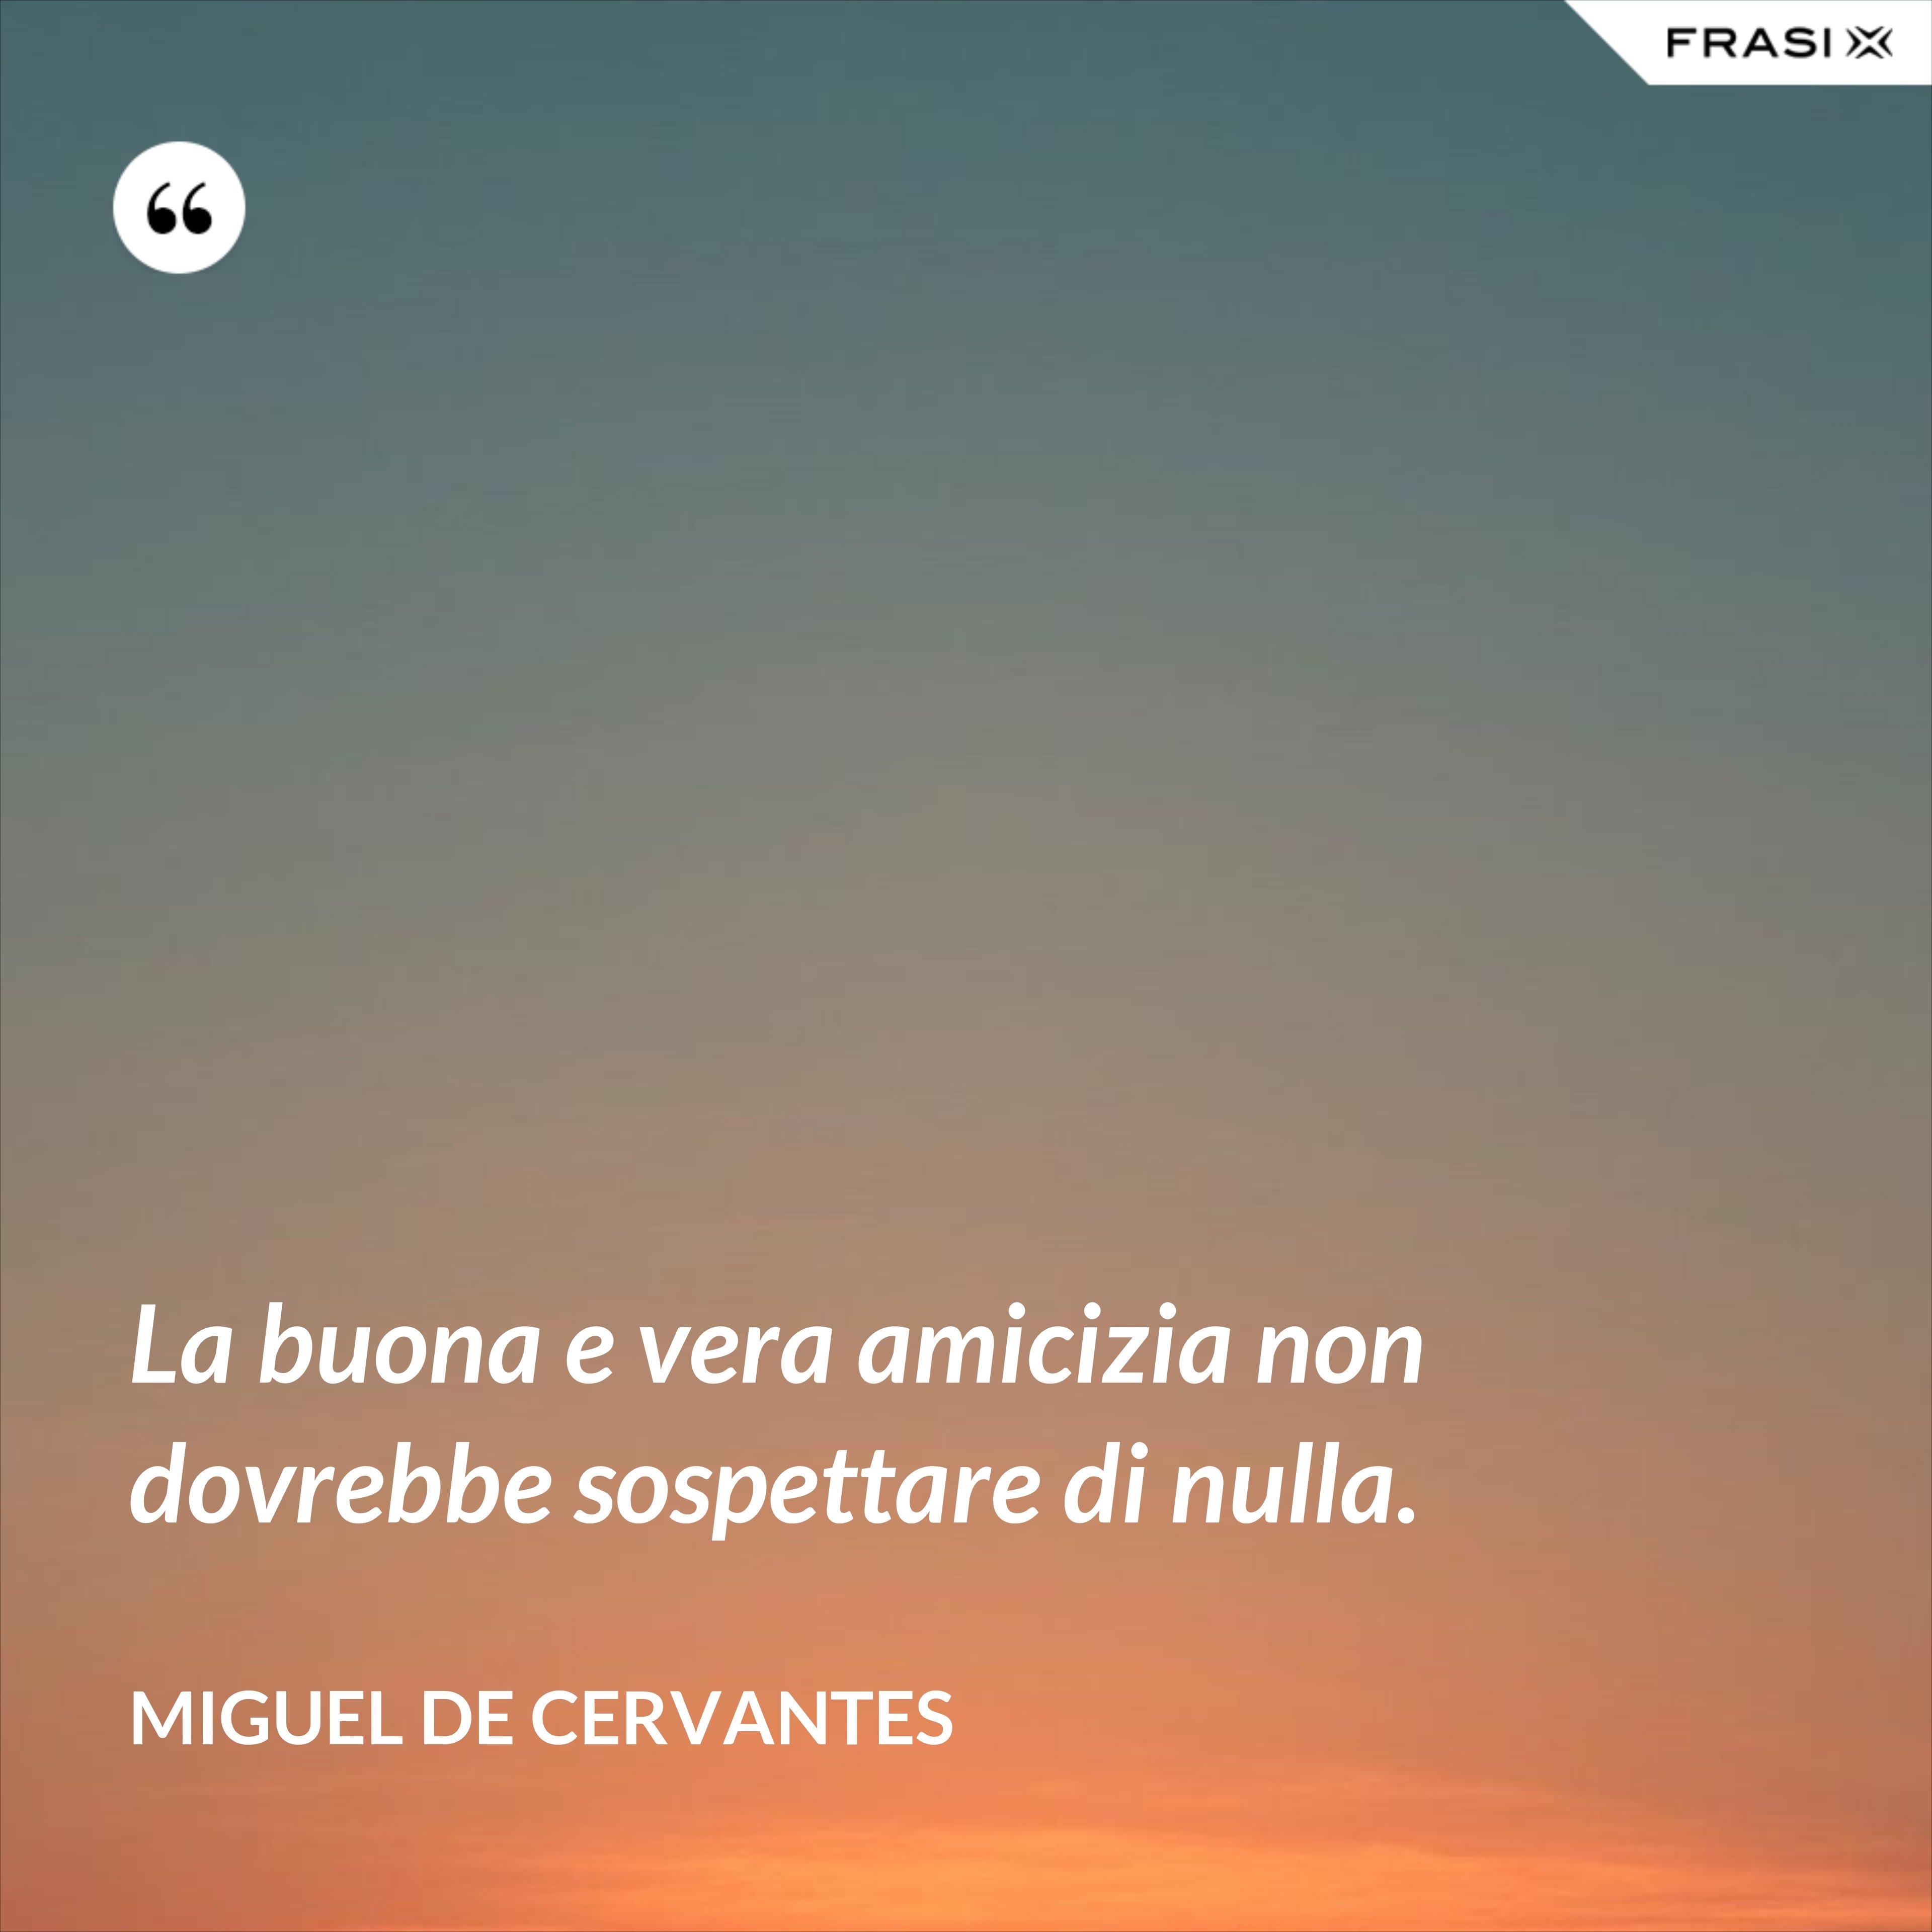 La buona e vera amicizia non dovrebbe sospettare di nulla. - Miguel de Cervantes